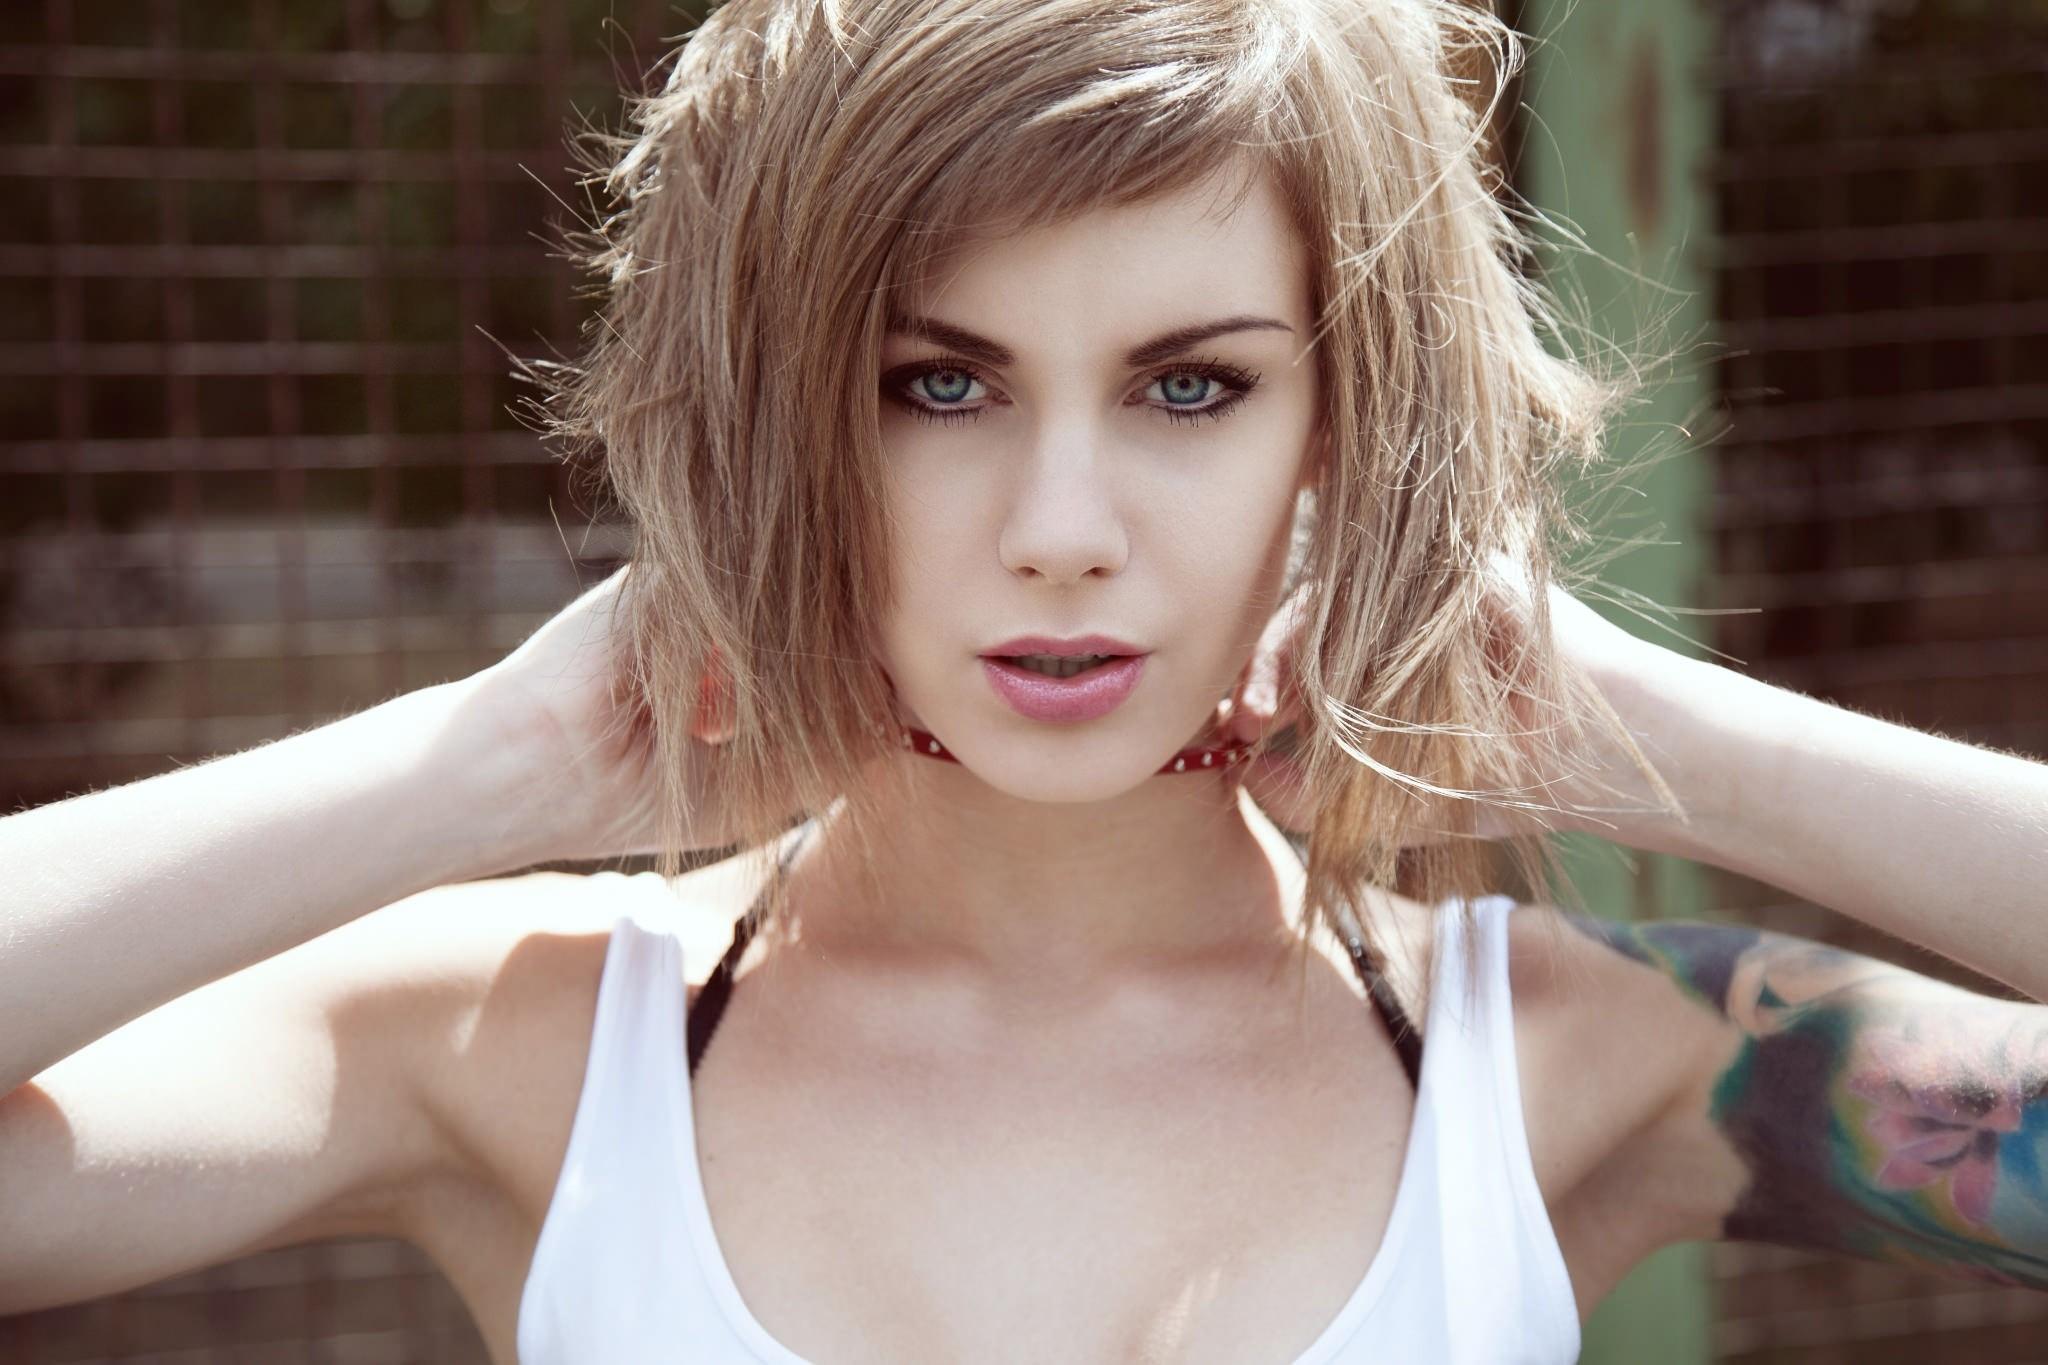 Блондинки в коже фото, как трахали жену любительское